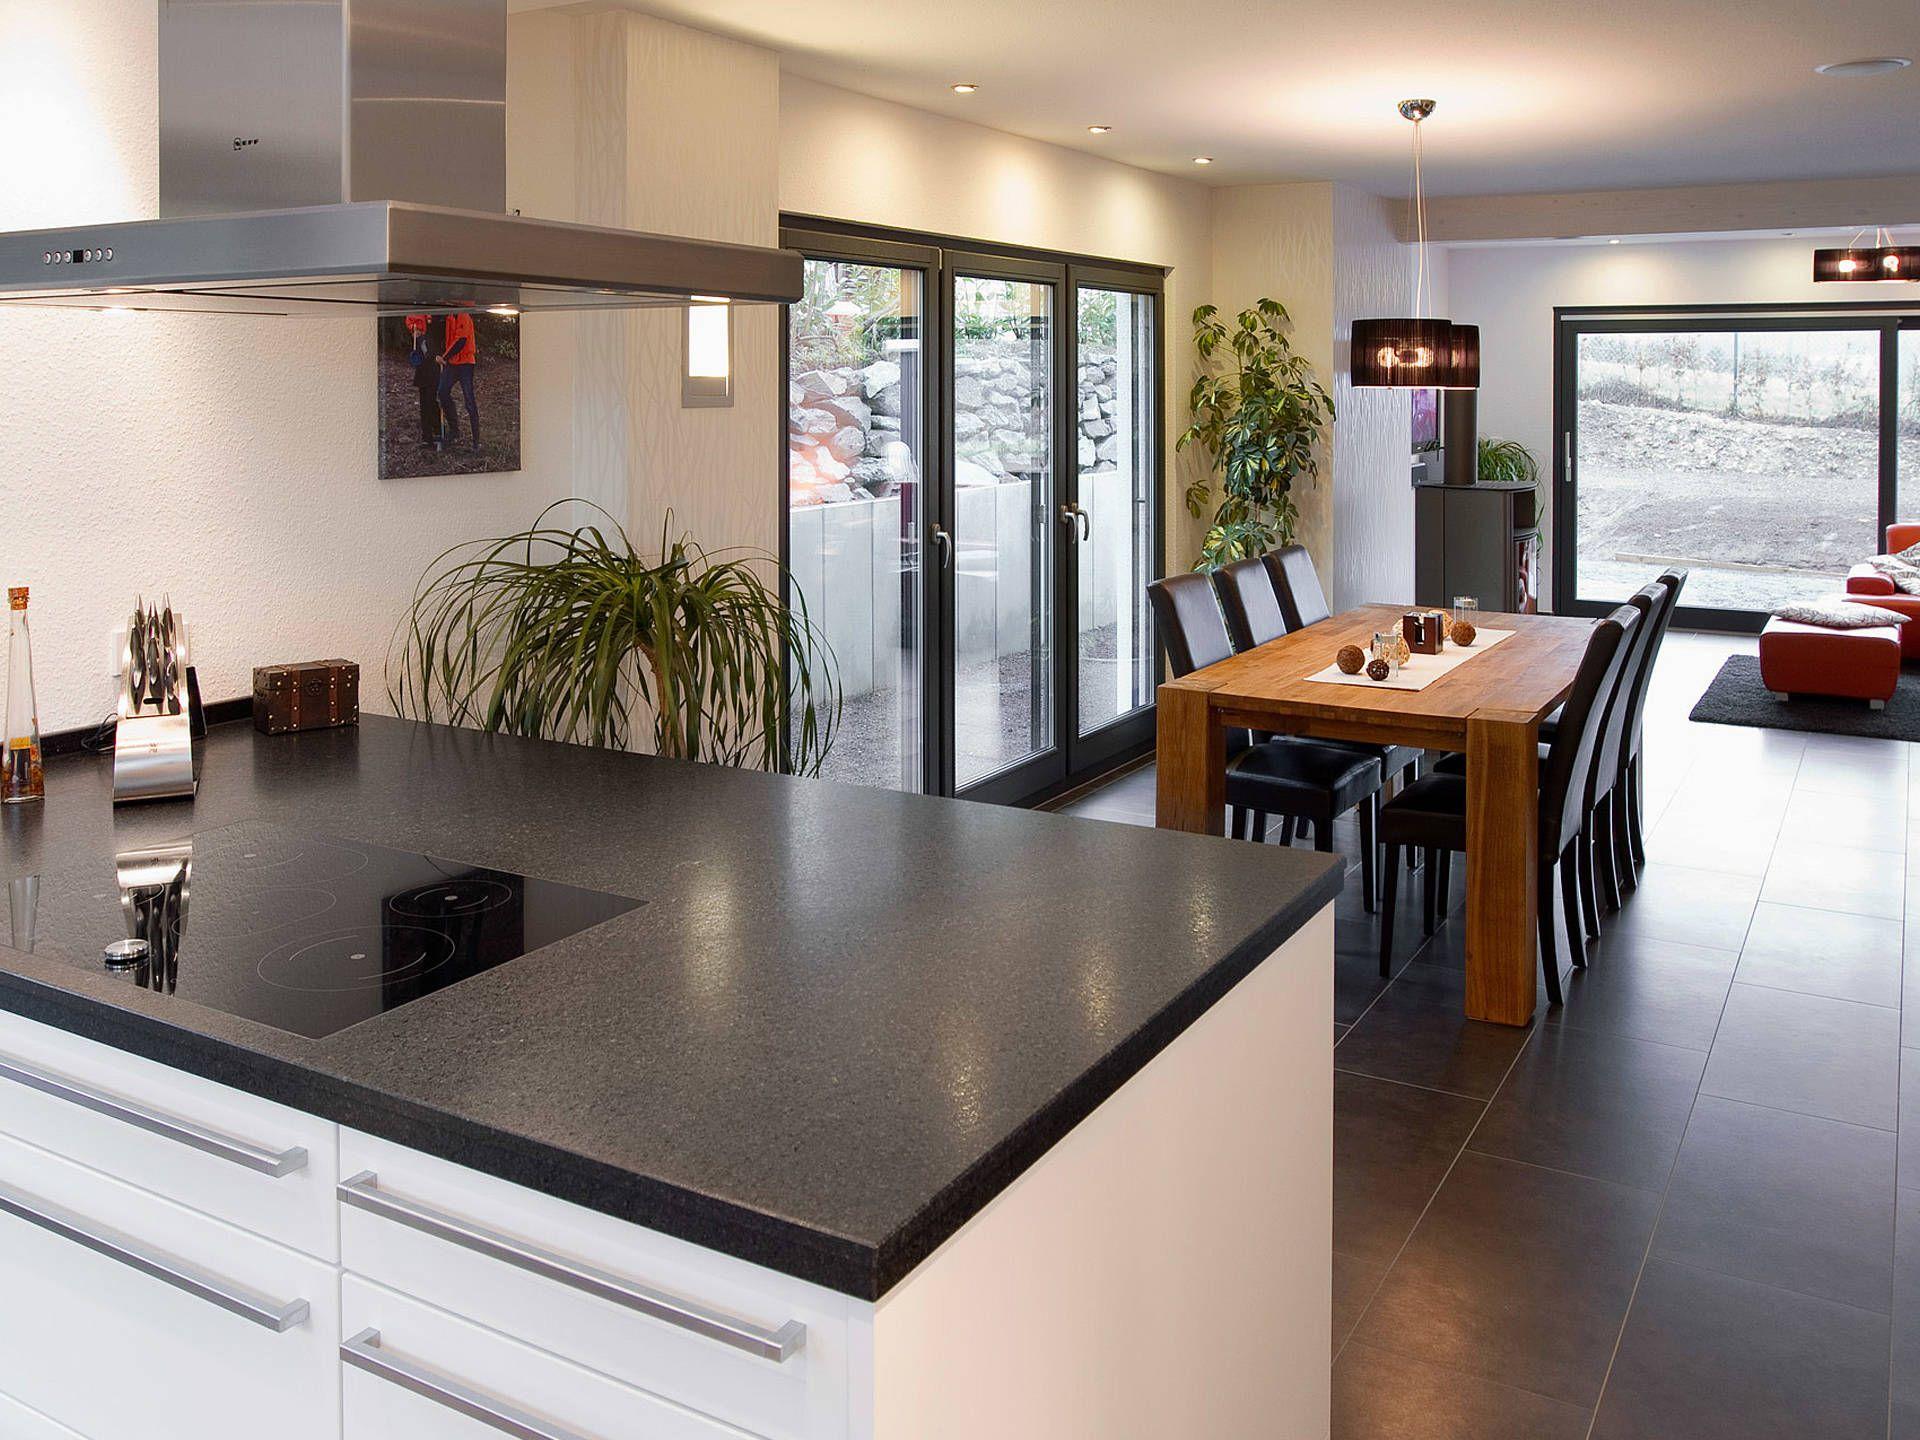 Einfamilienhaus Turo von Fingerhut Haus GmbH & Co. KG – Hausbau